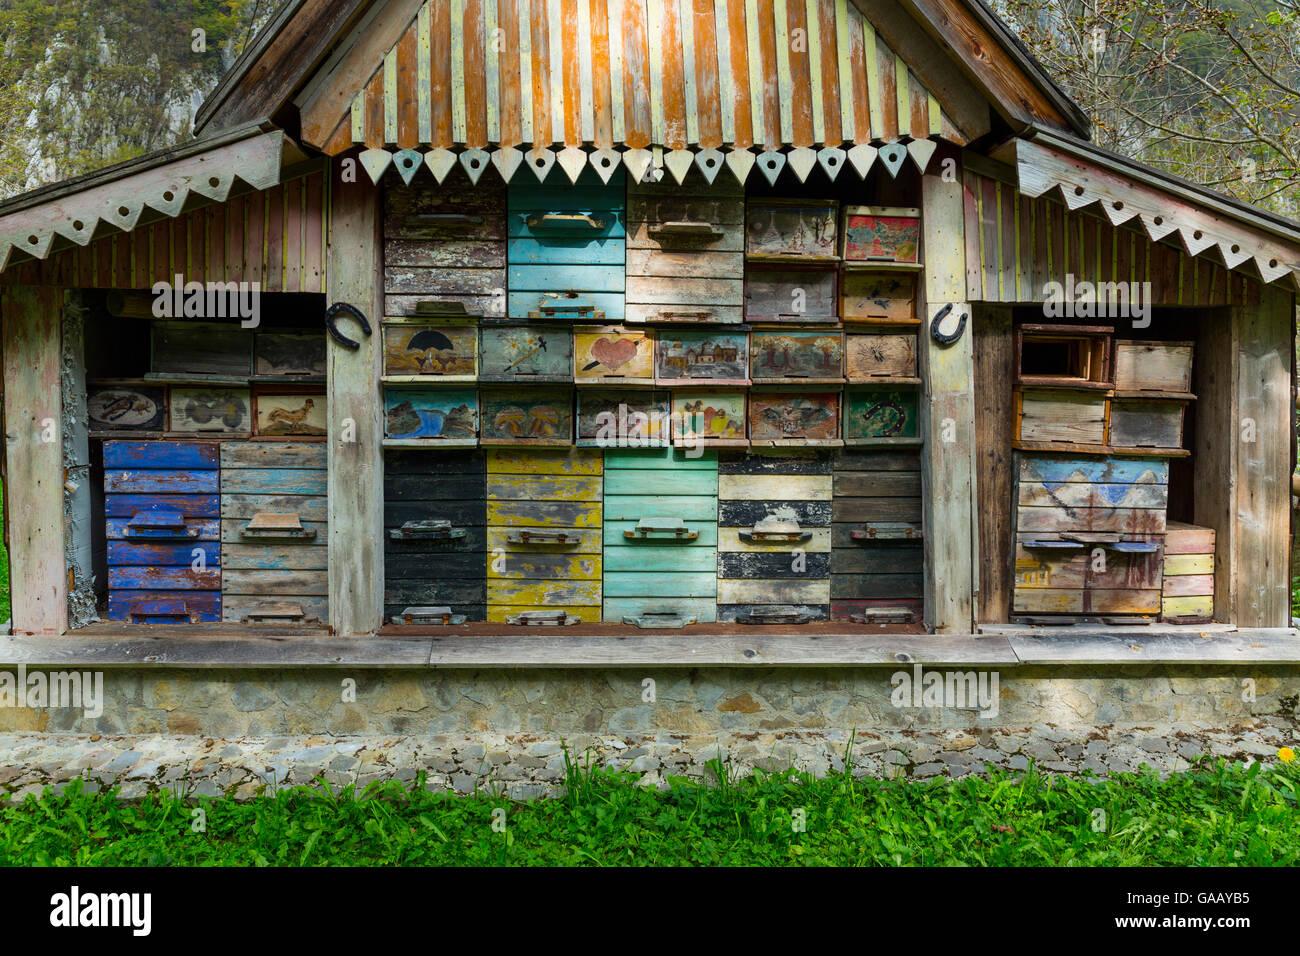 Cabaña refugio tradicional, Bavsica behives, Alpes Julianos, Eslovenia. De octubre de 2014. Imagen De Stock